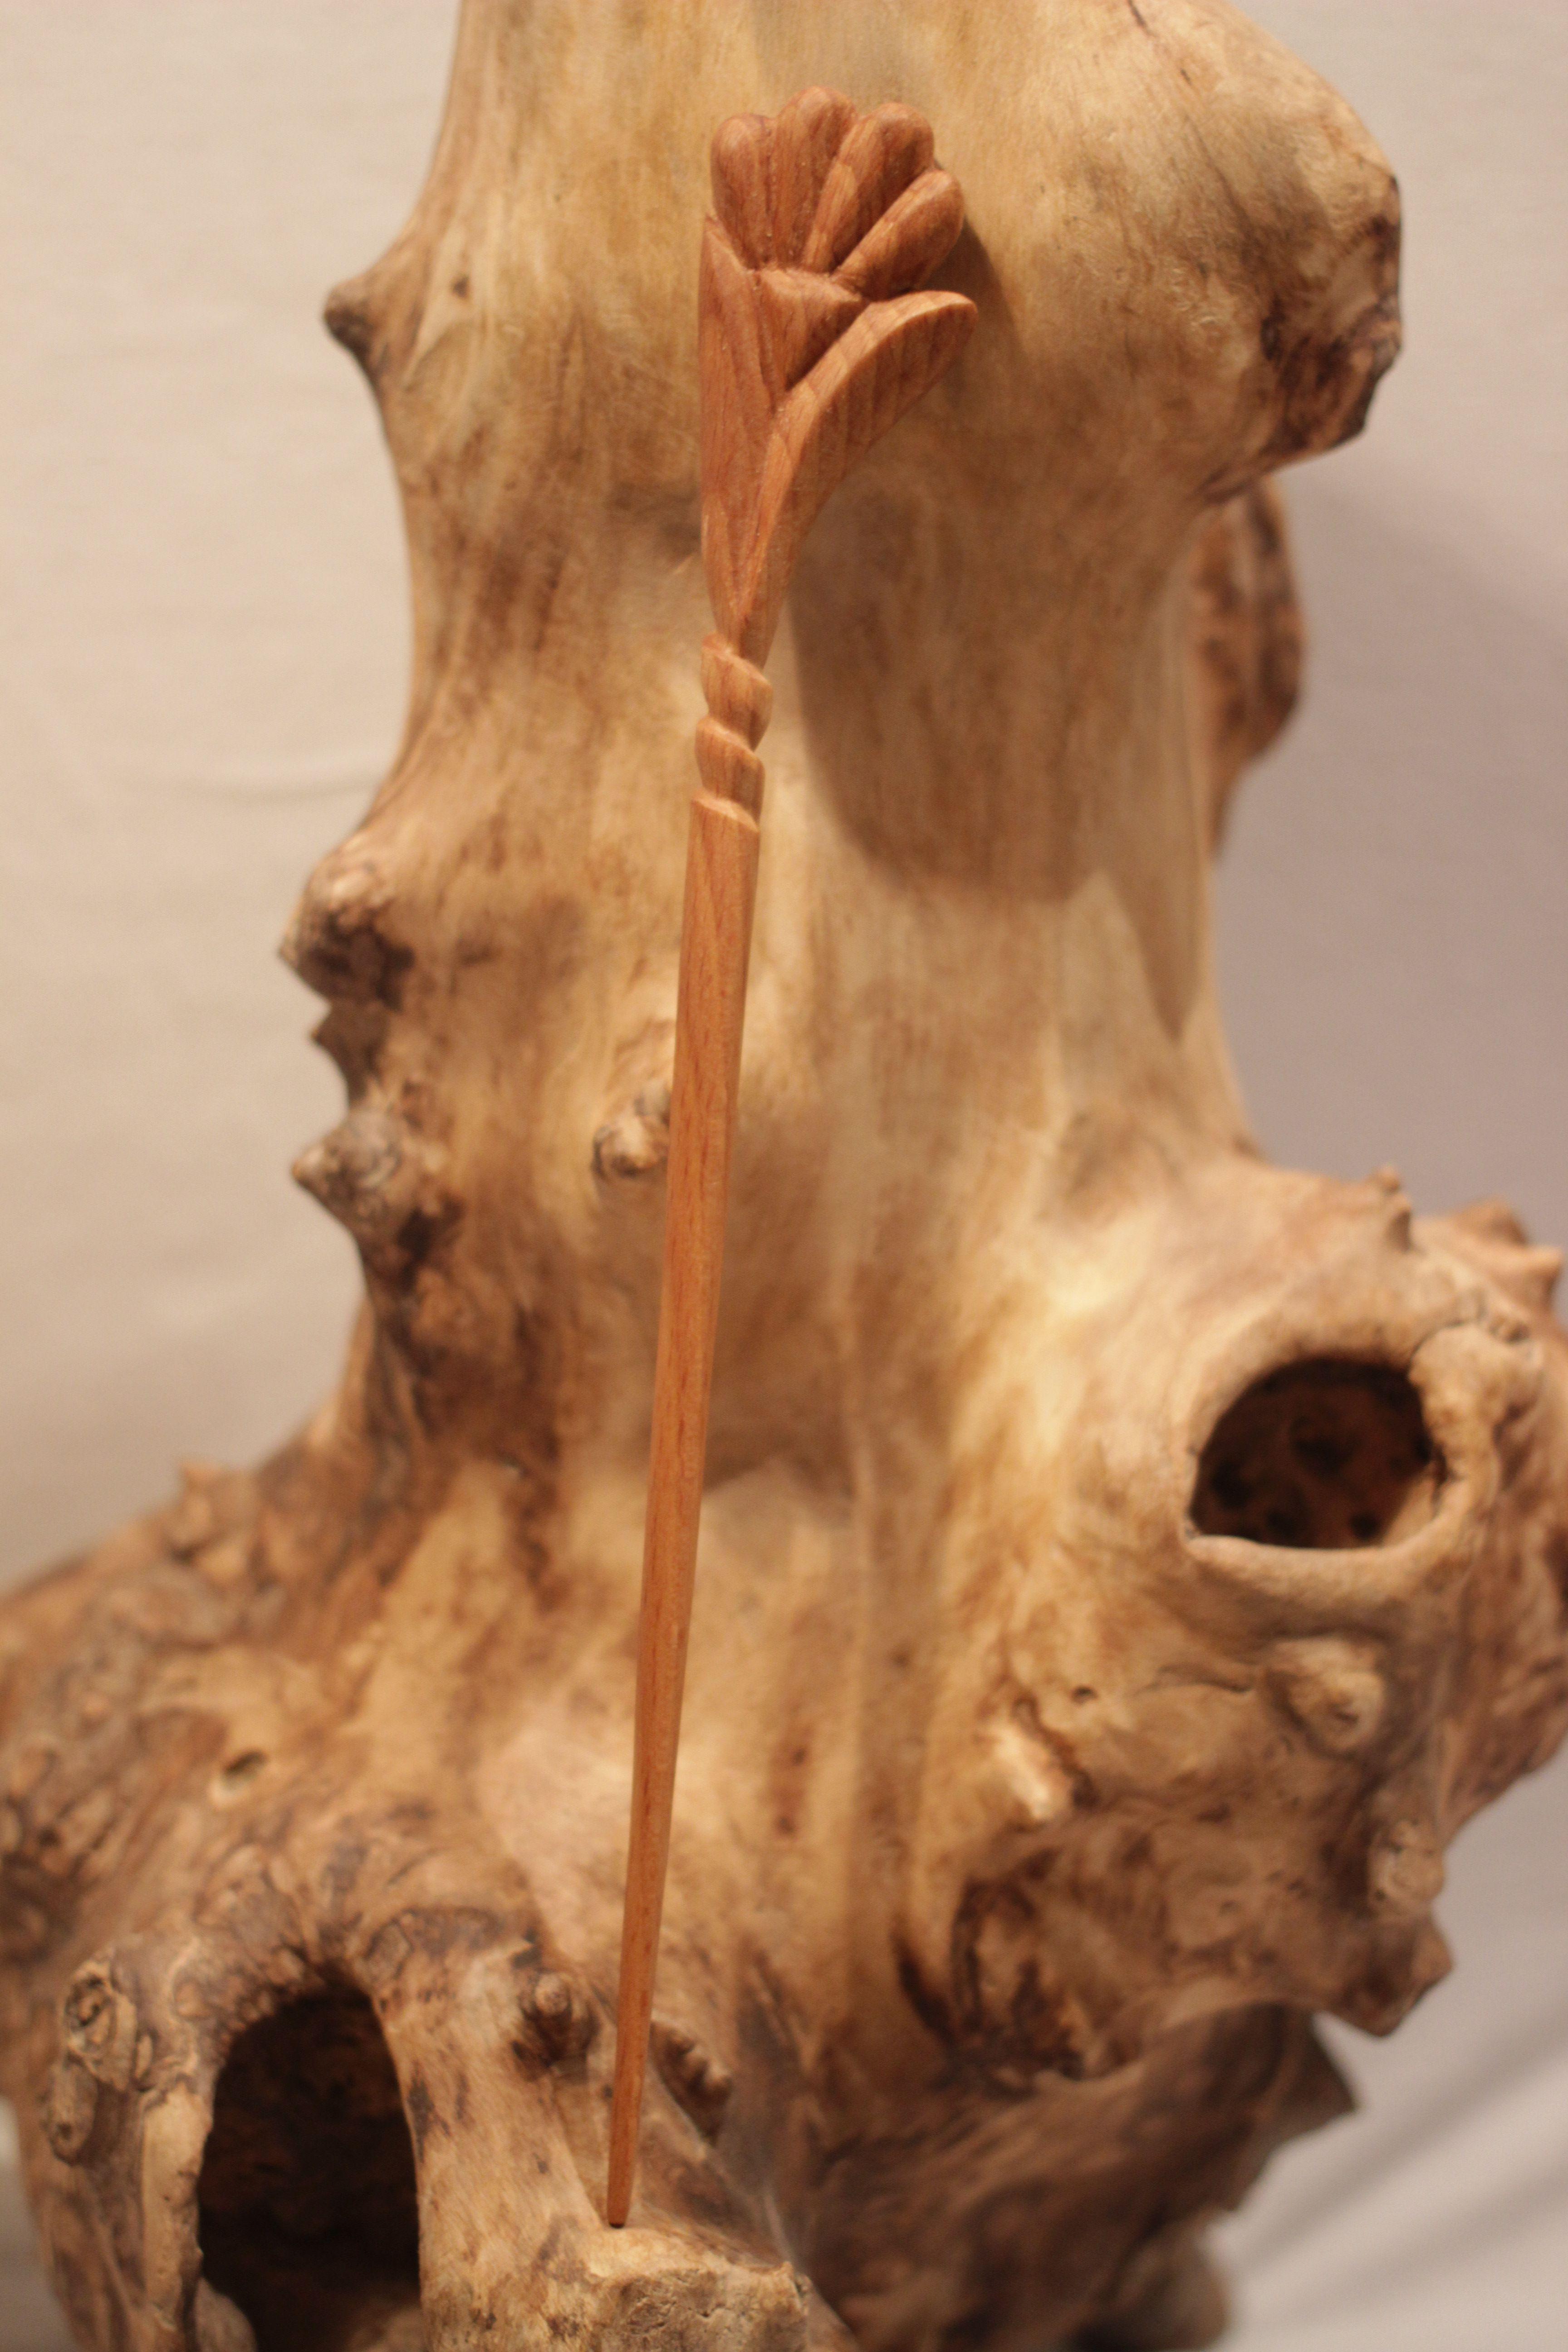 резьба женщине подарок заколка шпилька украшение волосы дерево девушке